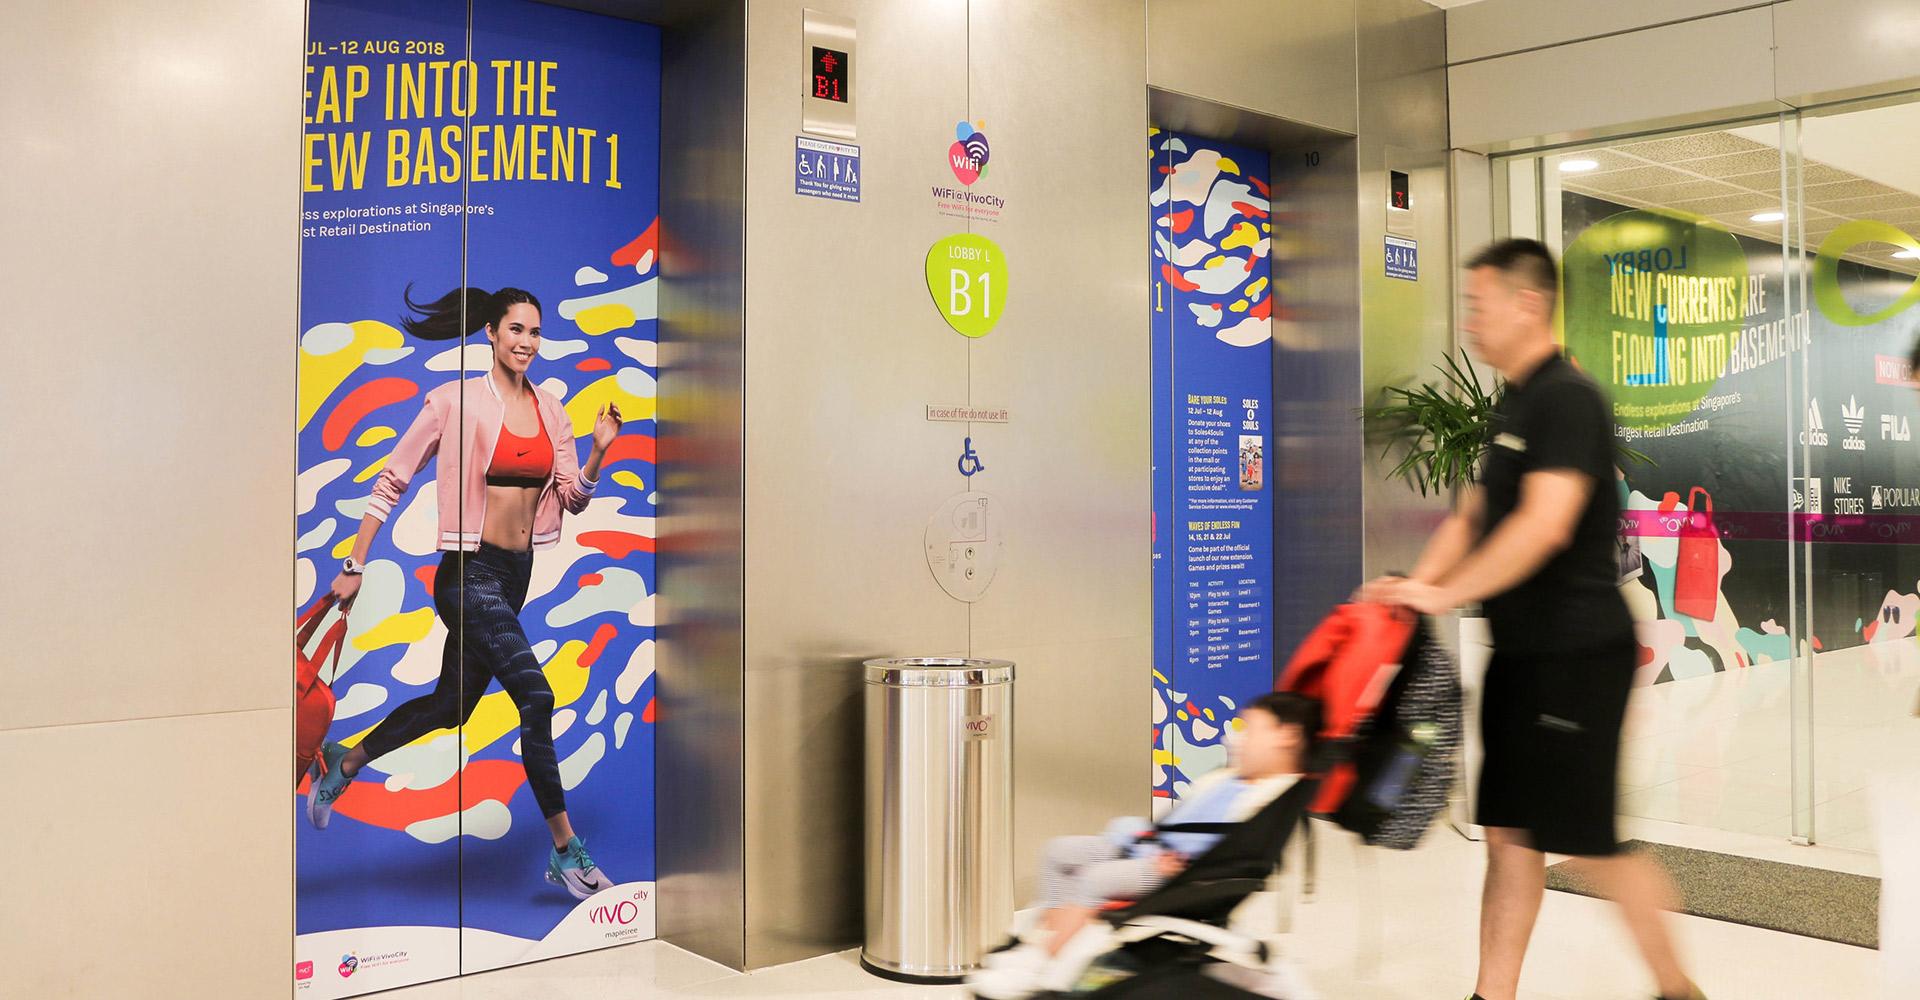 vivo-b1-lift-doors